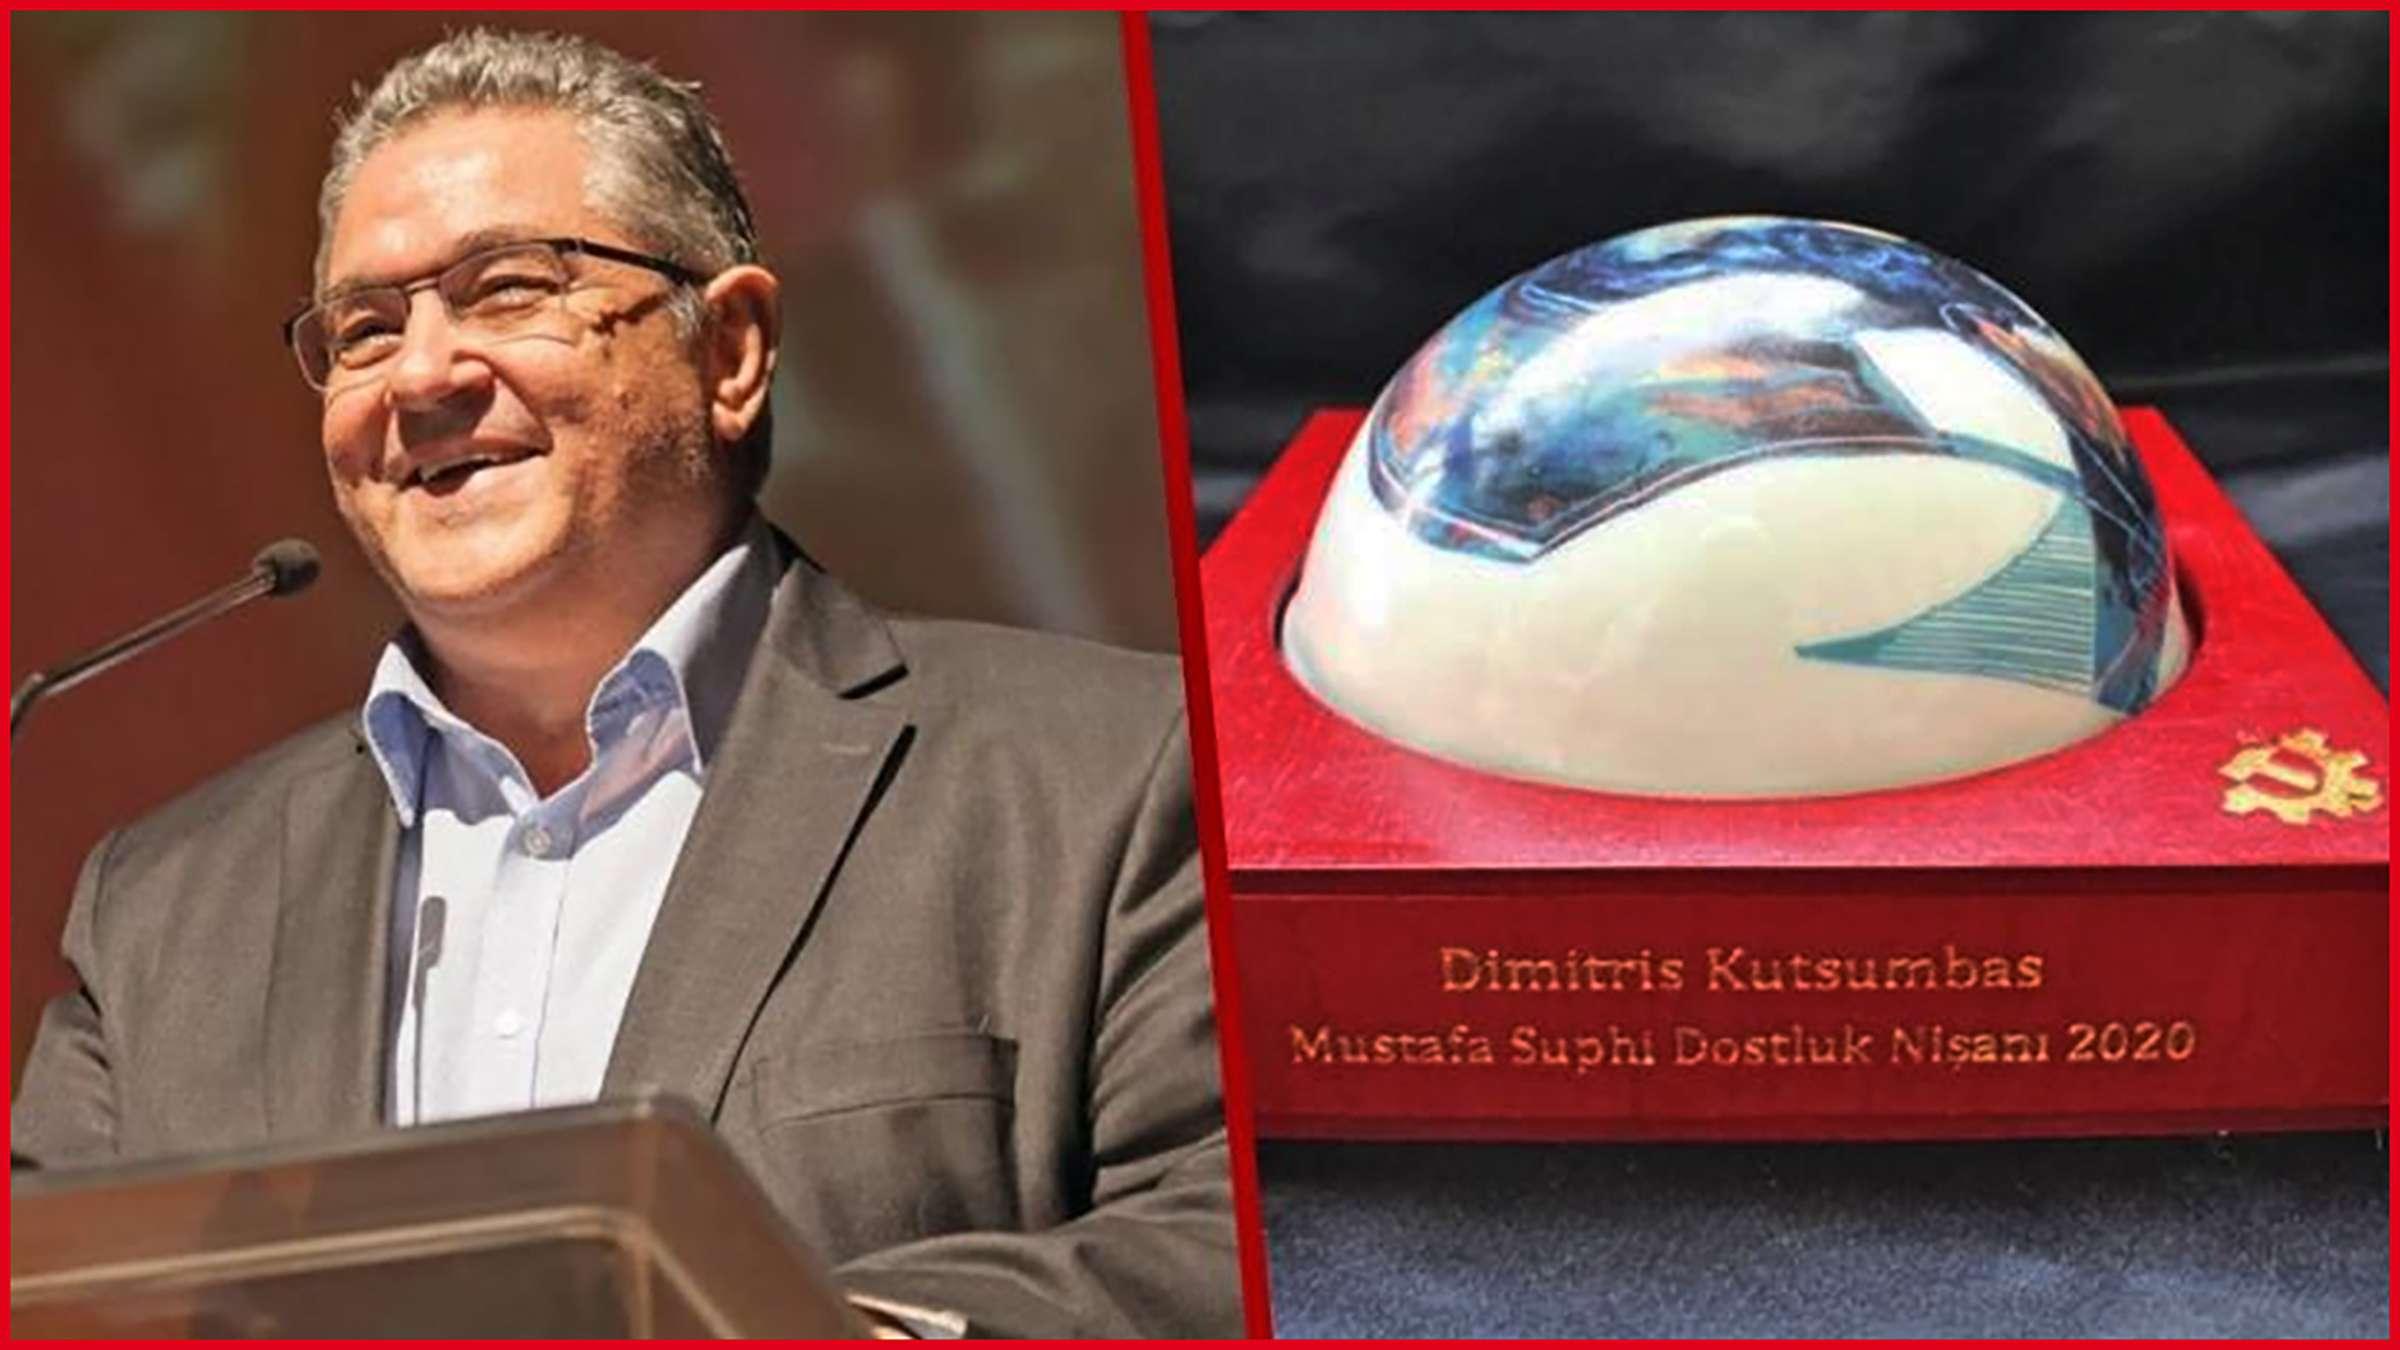 ΚΚ Τουρκίας απονέμει στον Δημήτρη Κουτσούμπα το Βραβείο Φιλίας «Μουσταφά Σουφί»